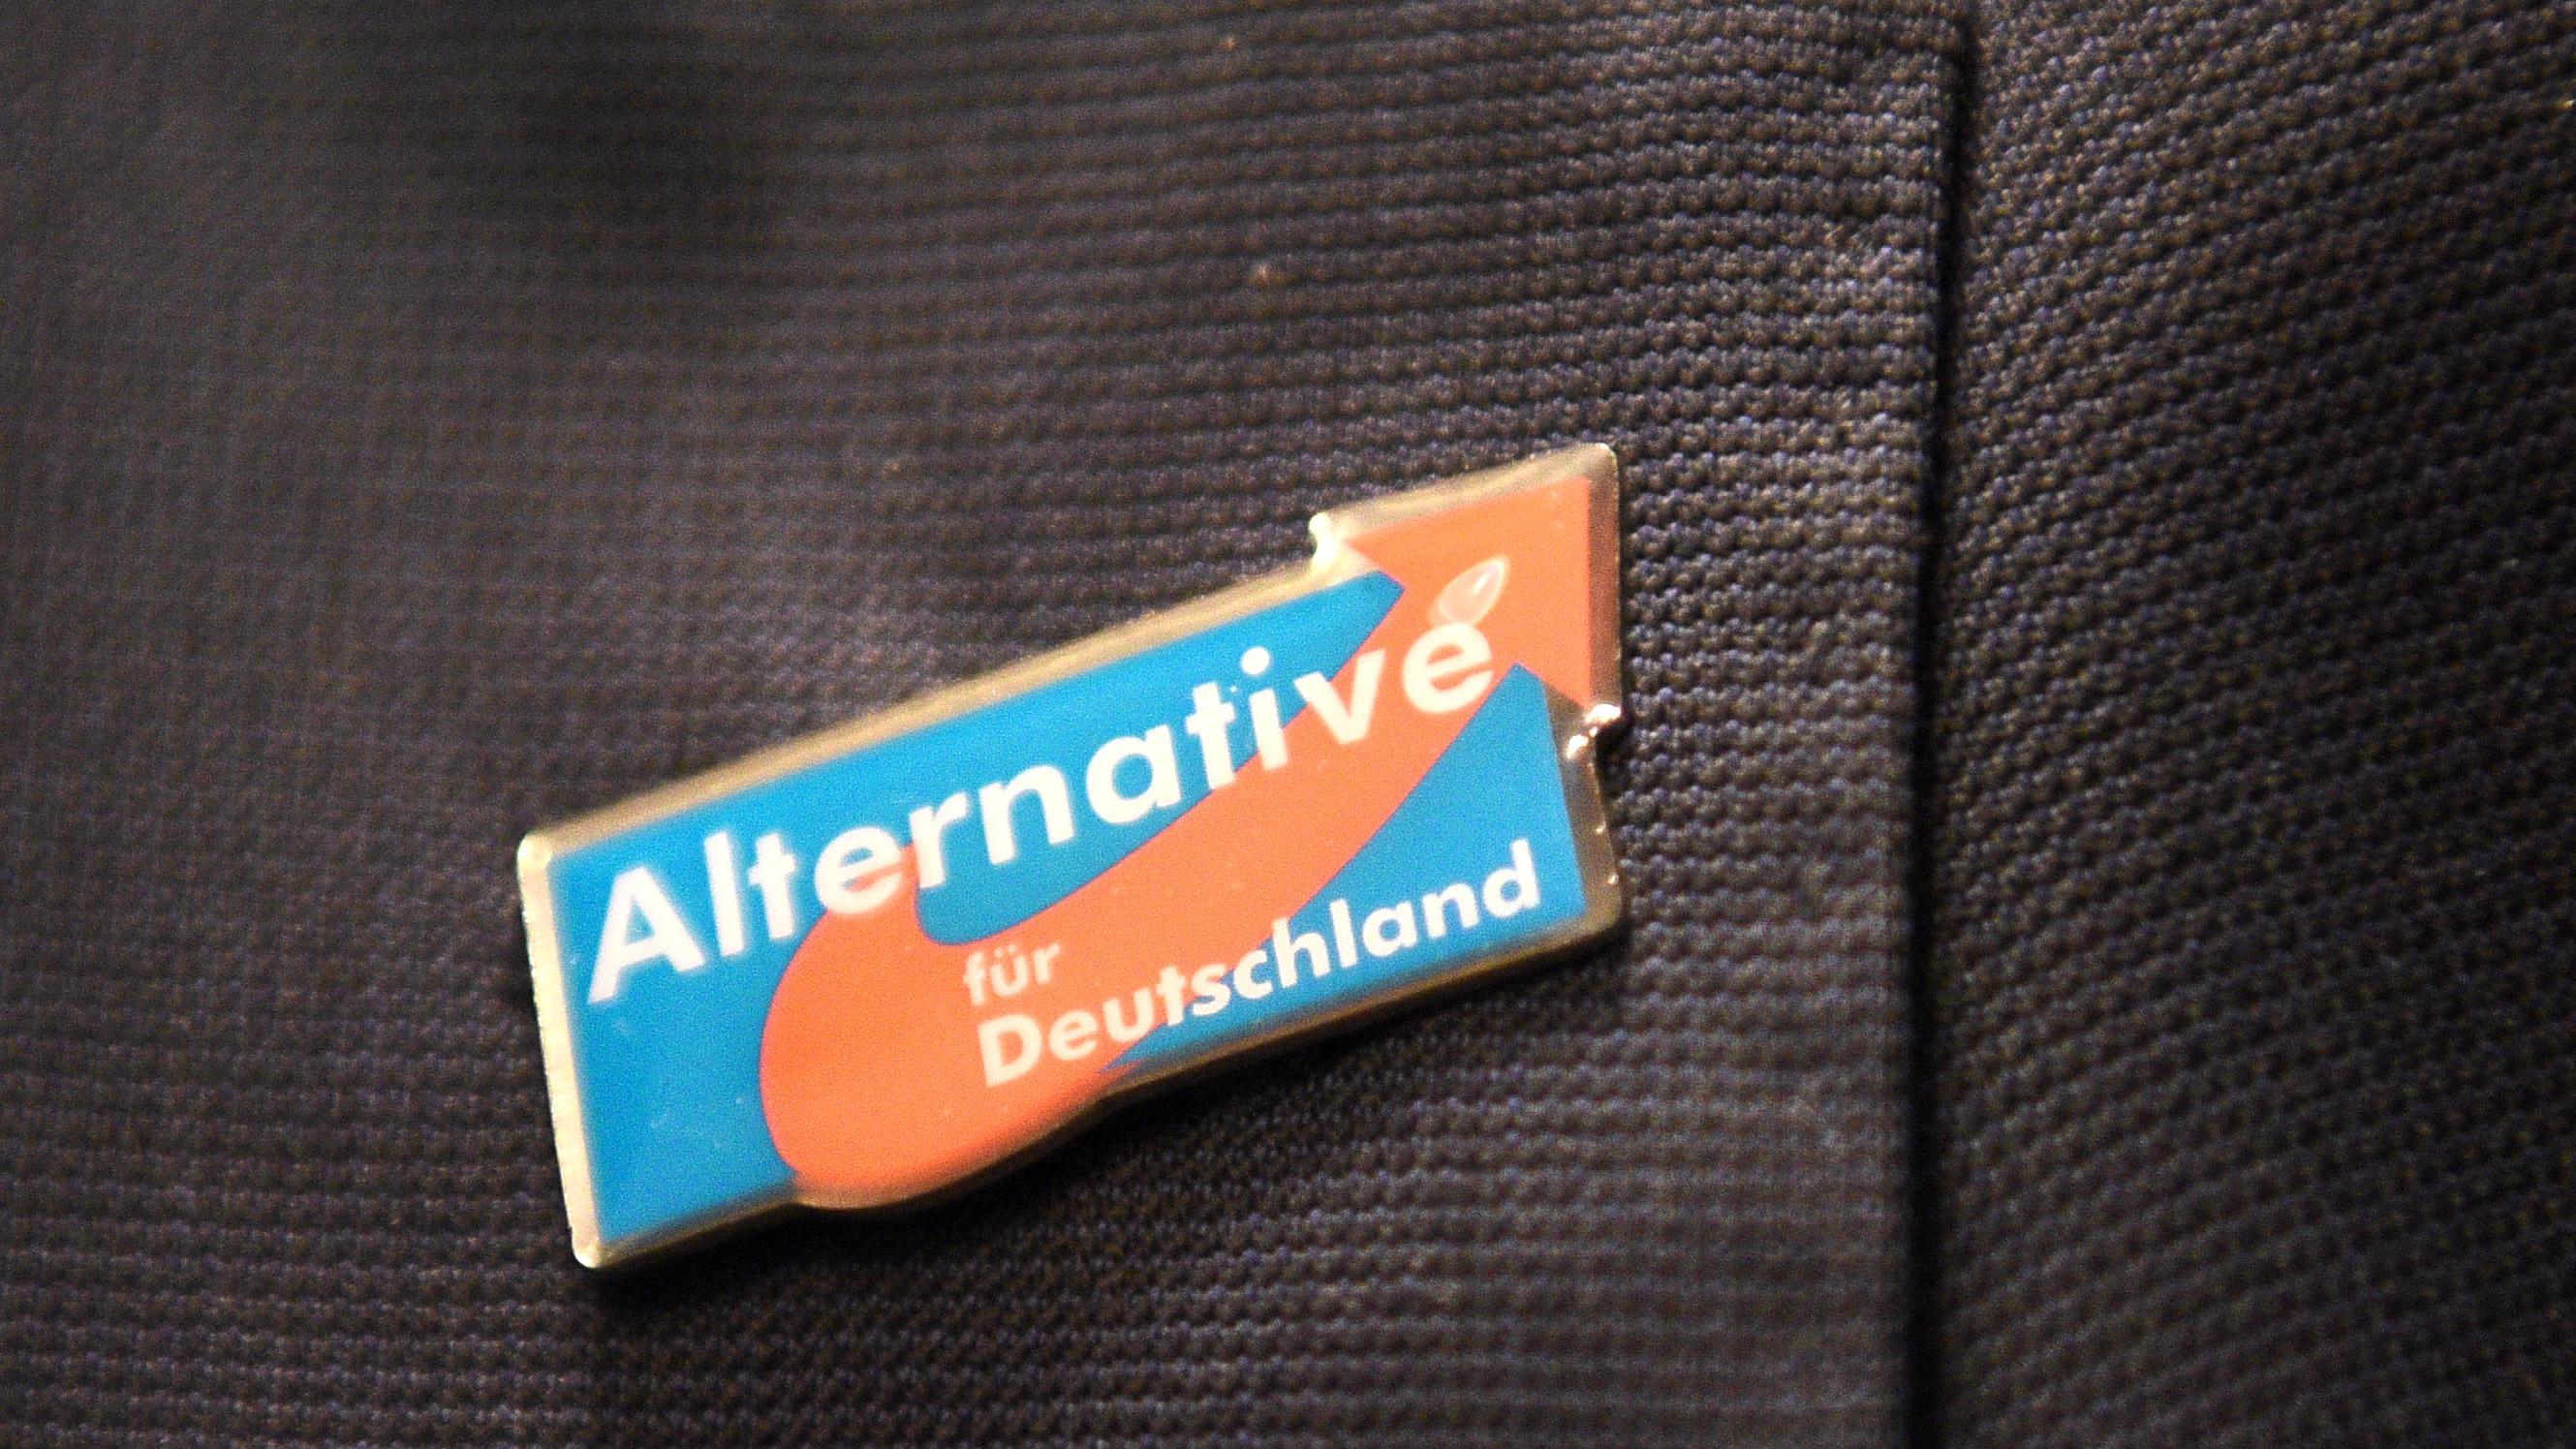 AfD-Anstecker an einer Jacke